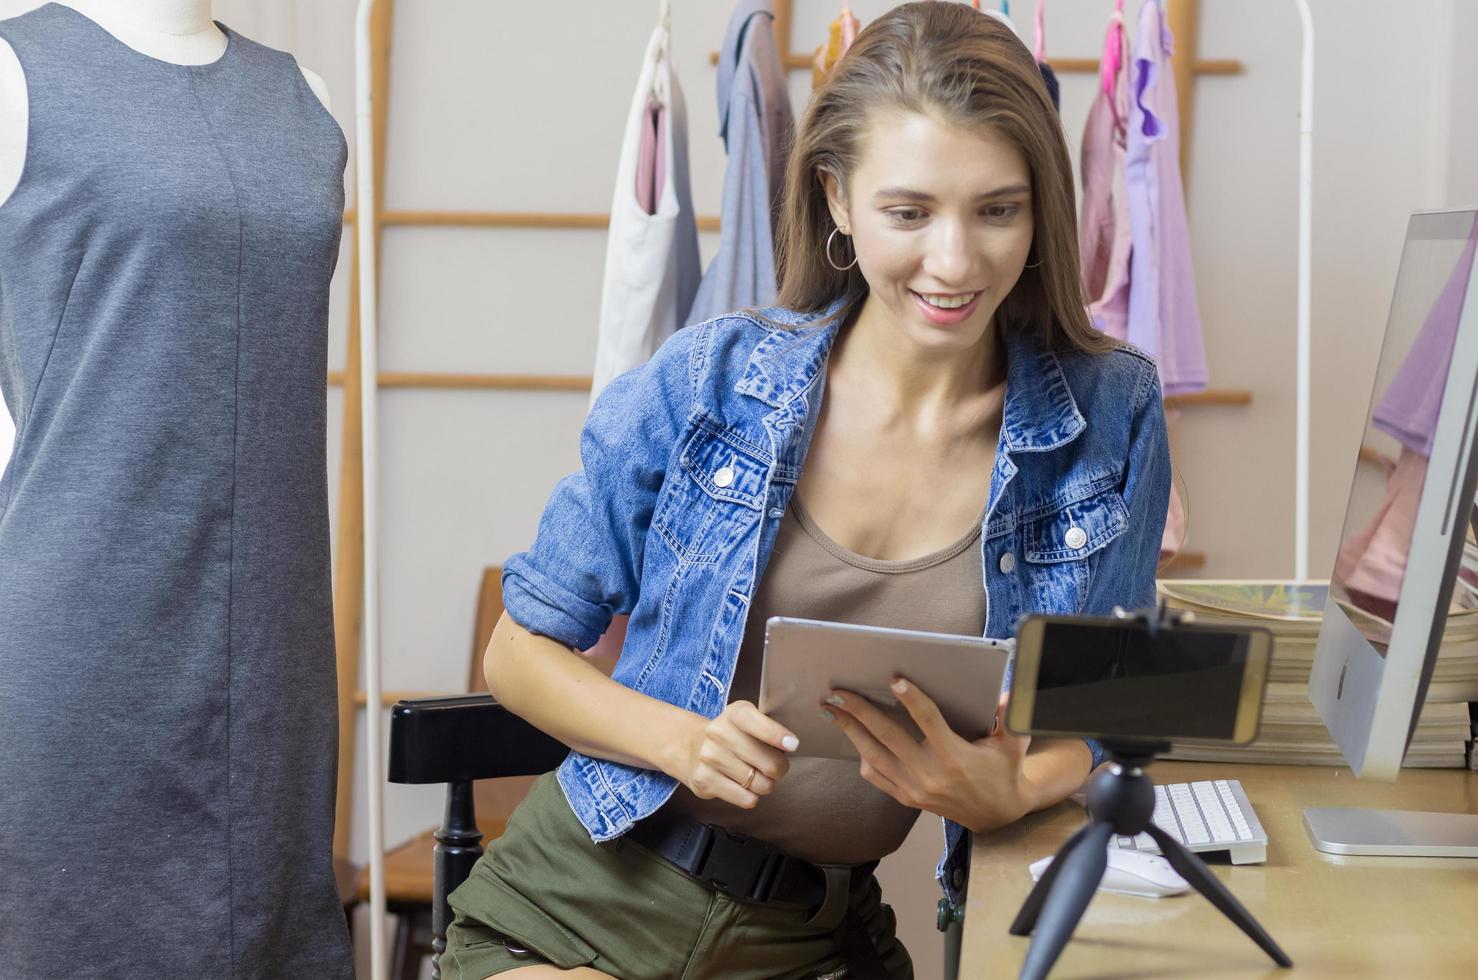 femme d'affaires vendant des produits en ligne photo